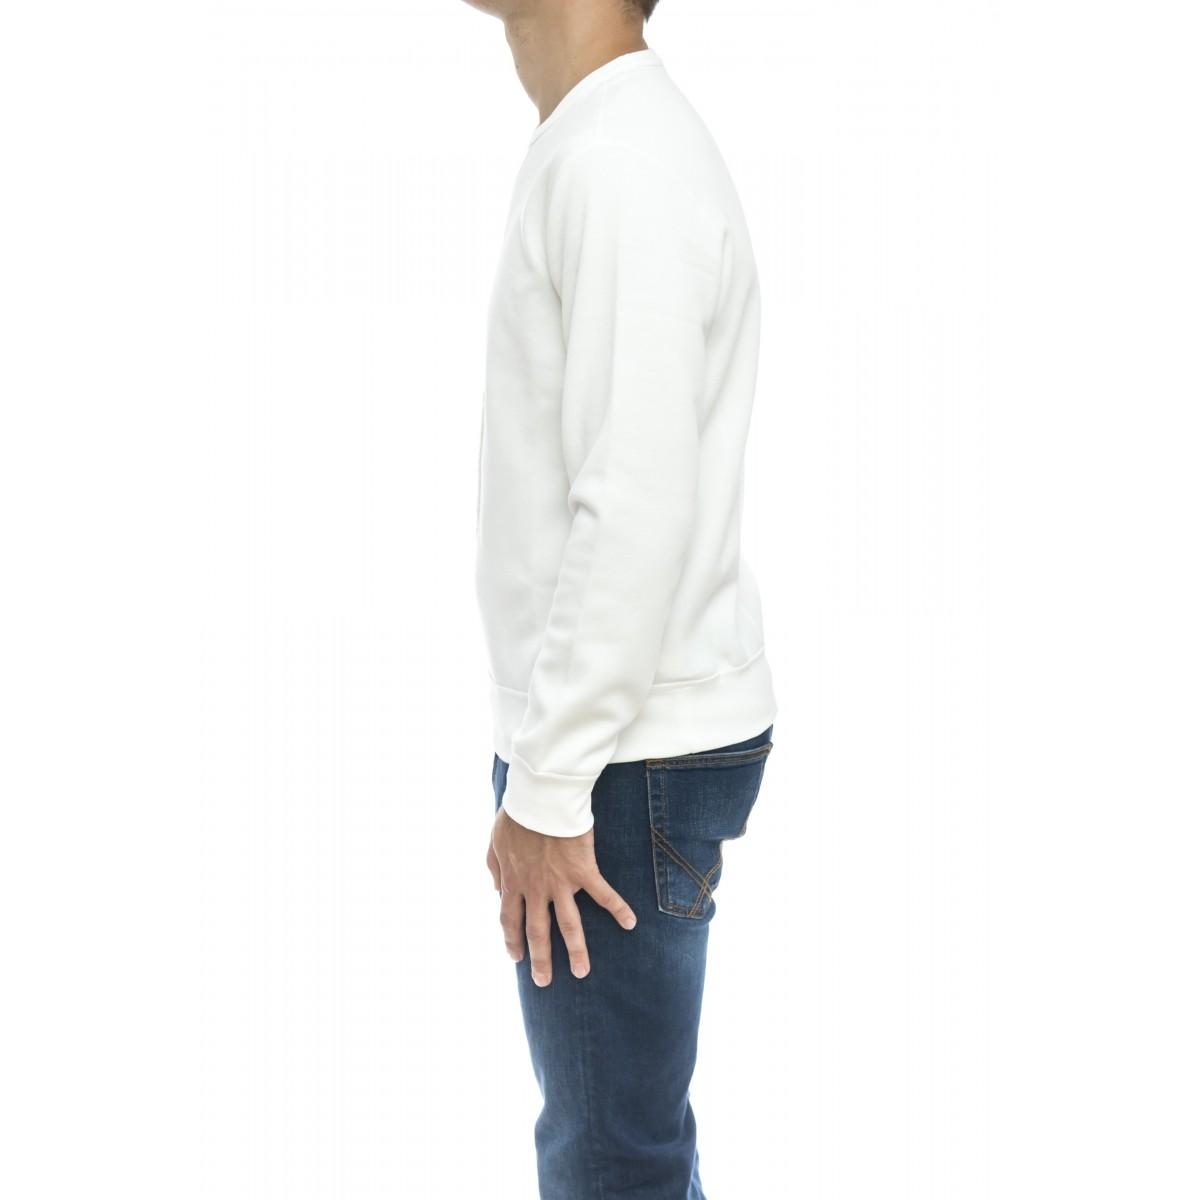 Felpa uomo - 766862 felpa giro maxi logo